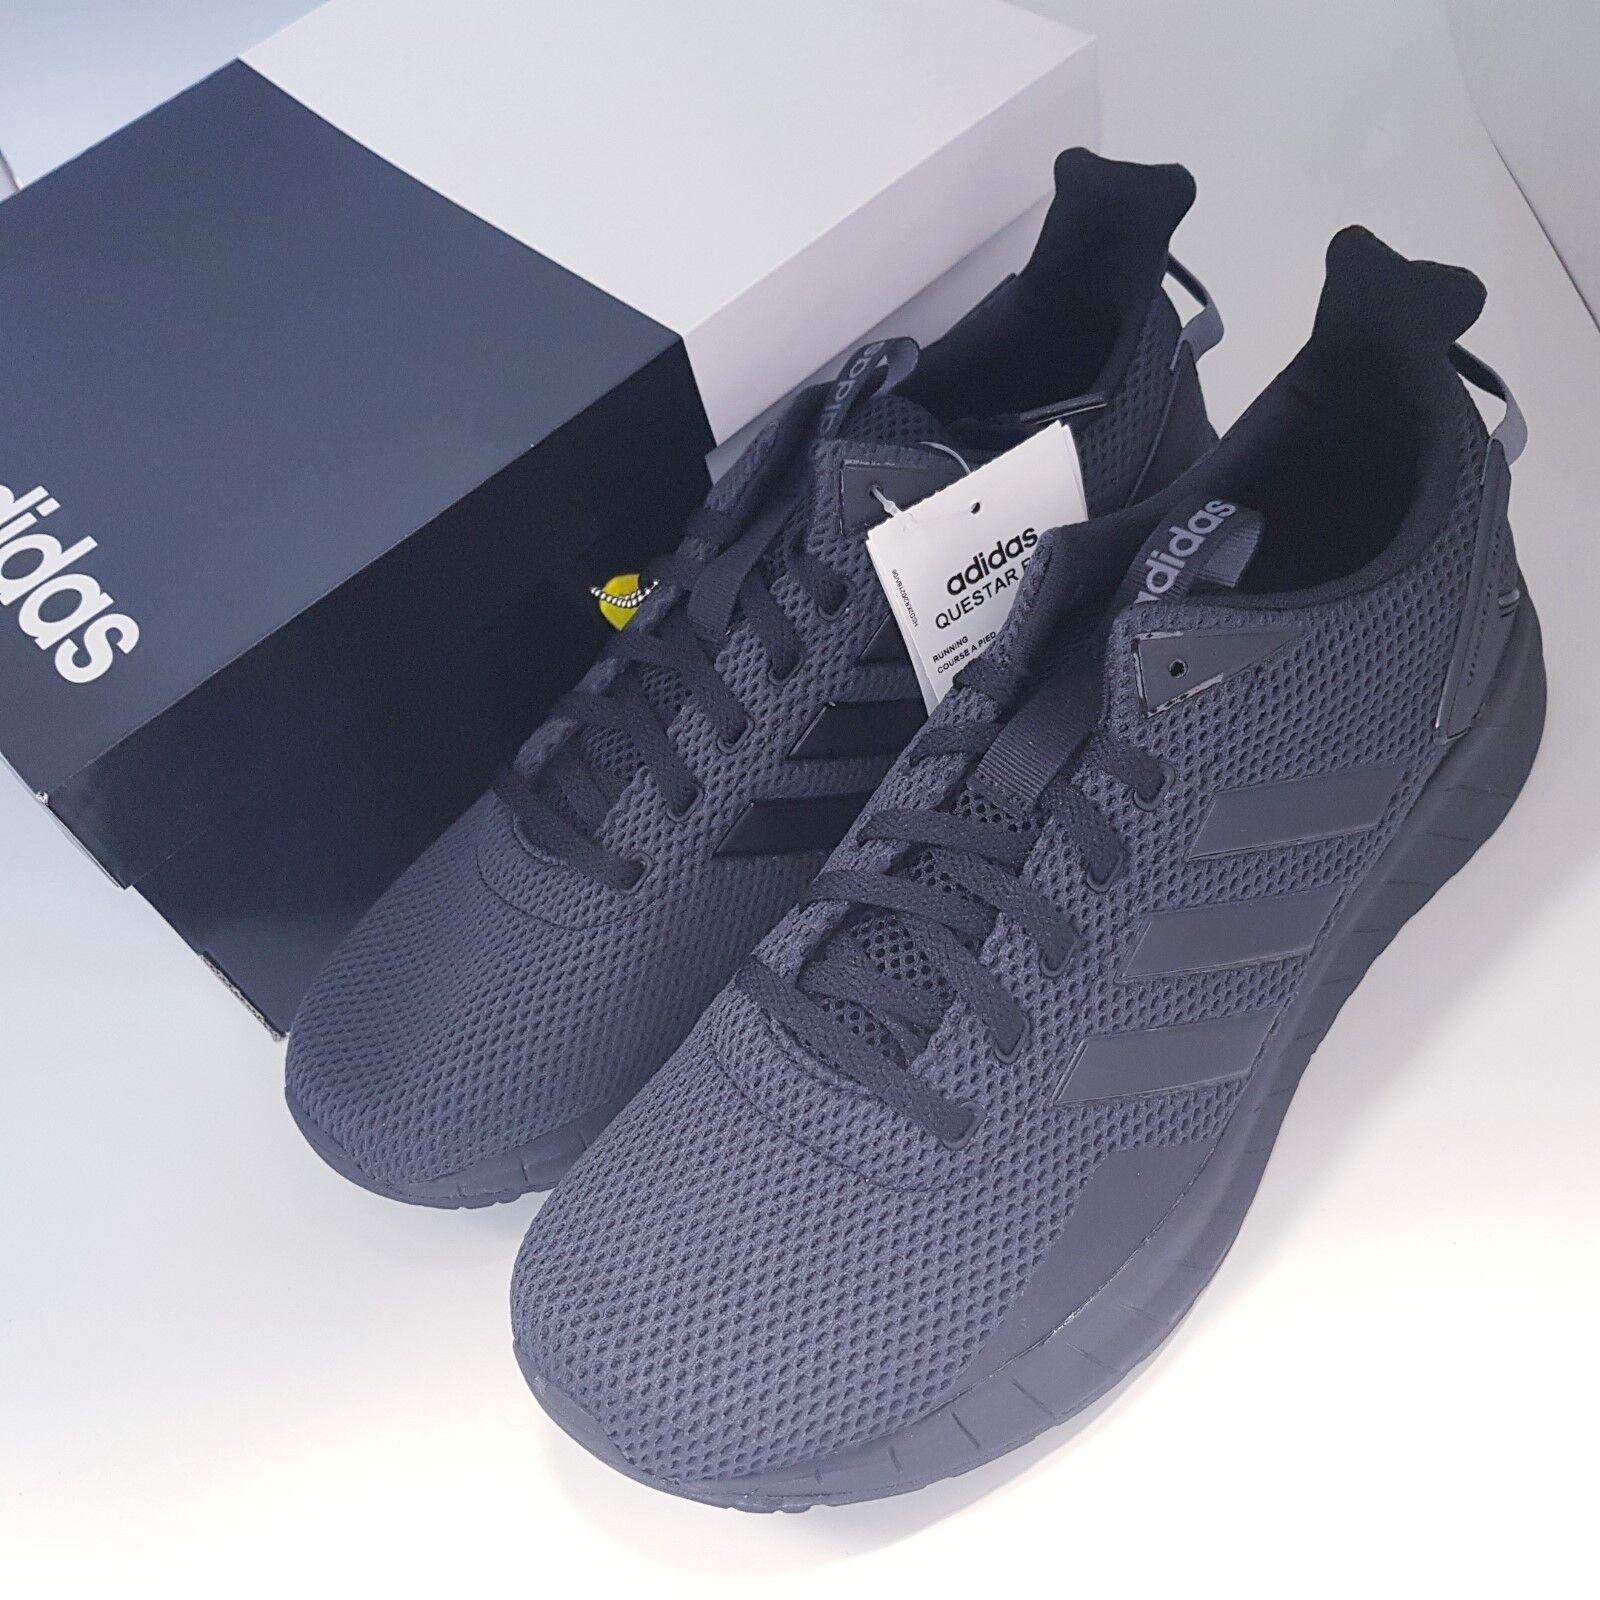 amplia gama seleccione para el despacho estilo máximo Adidas QUESTAR RIDE B44806 Grey /Cloud white/ Onix Men's ...